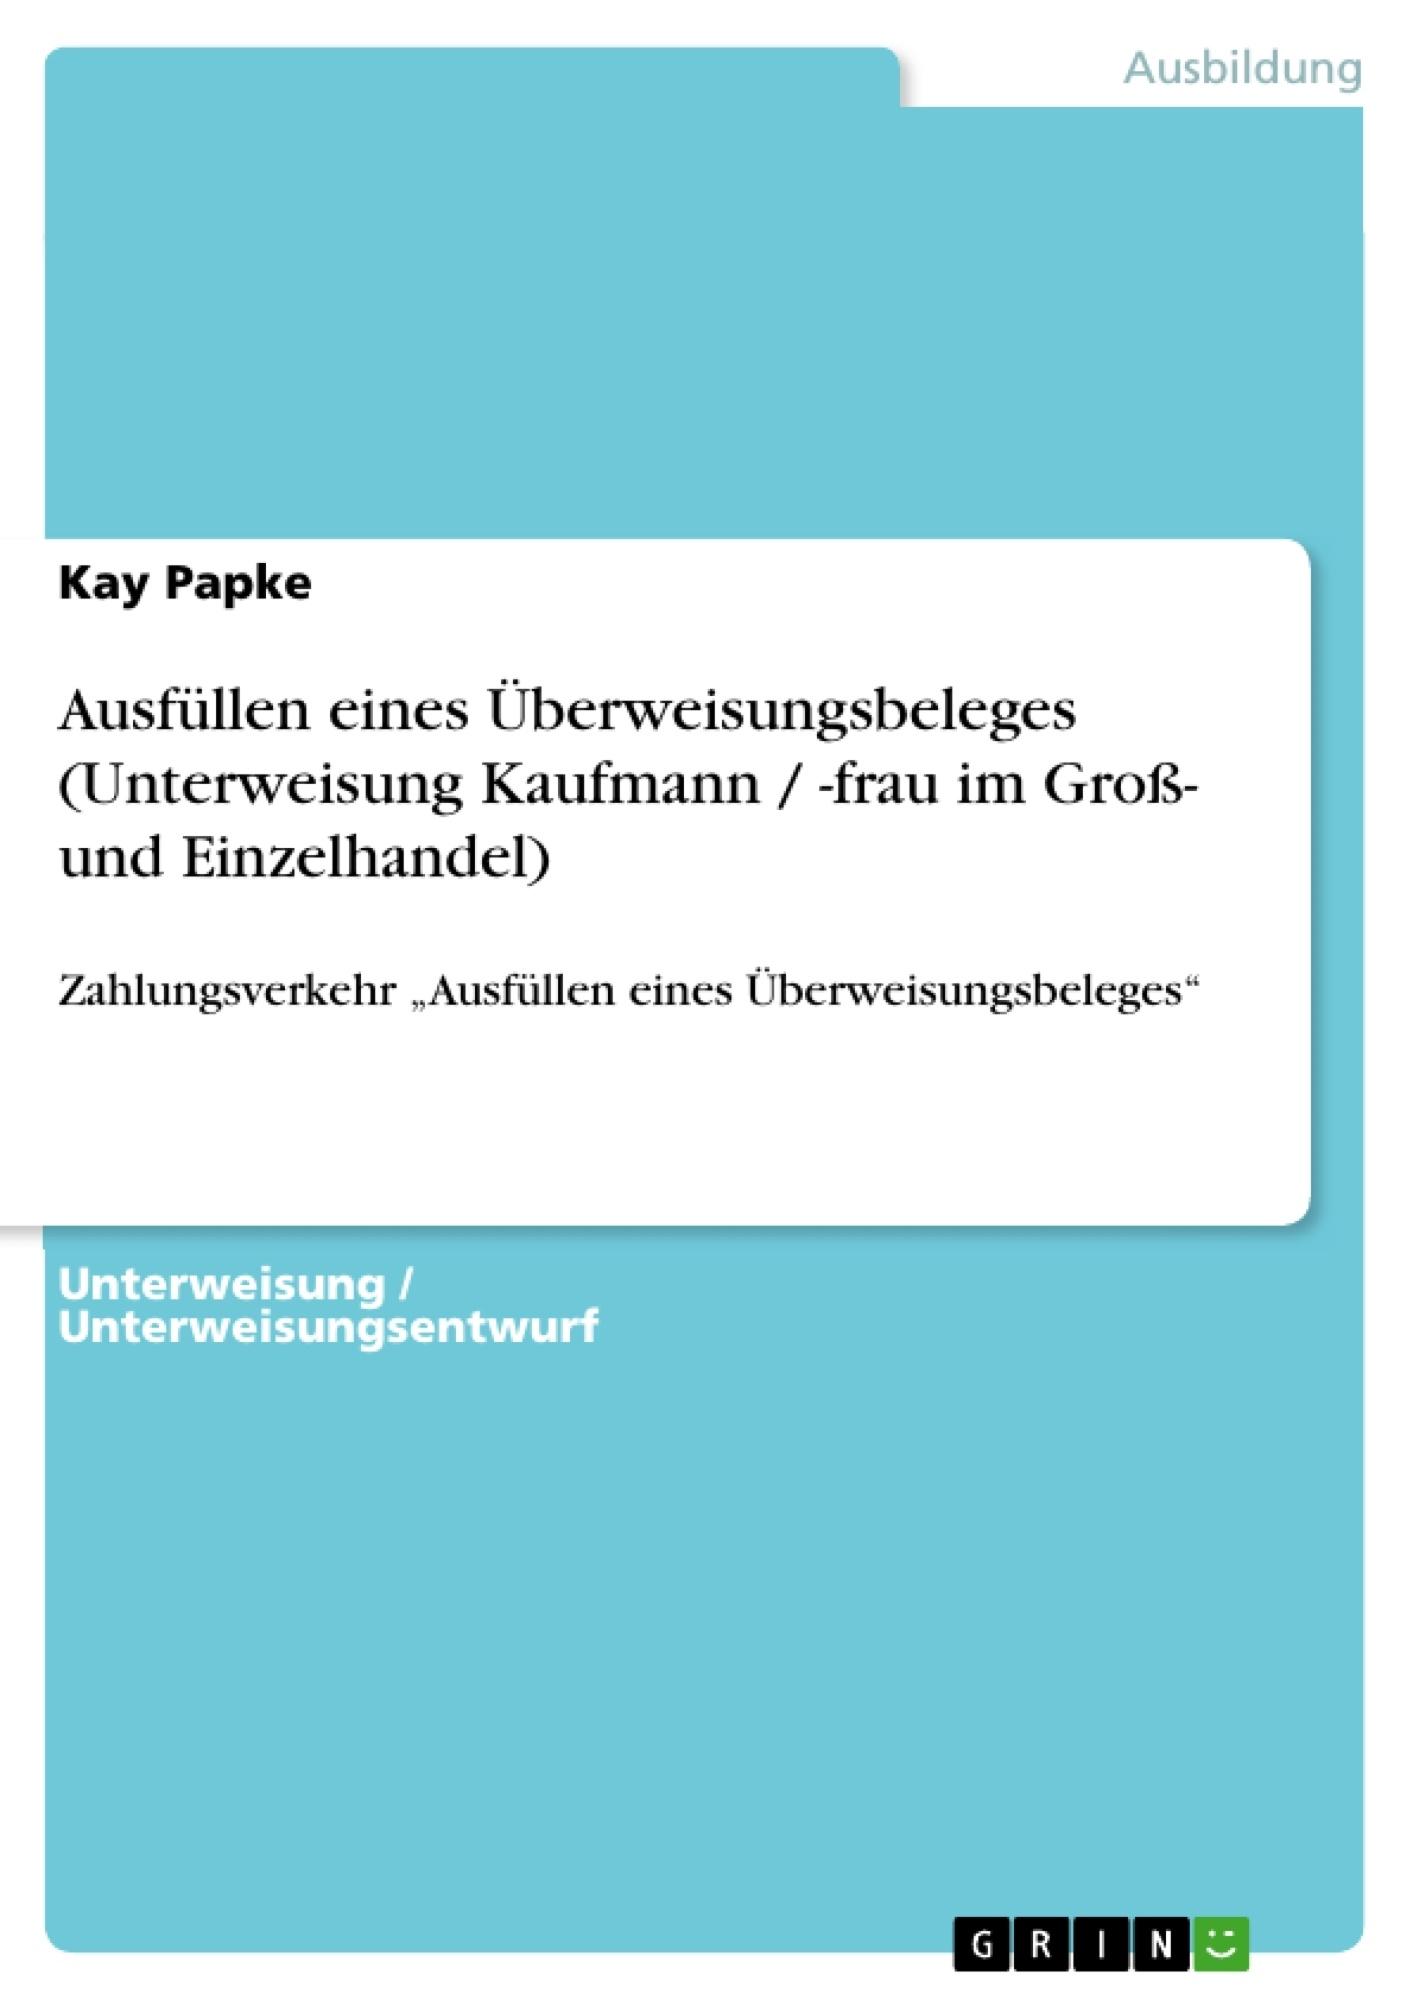 Titel: Ausfüllen eines Überweisungsbeleges (Unterweisung Kaufmann / -frau im Groß- und Einzelhandel)